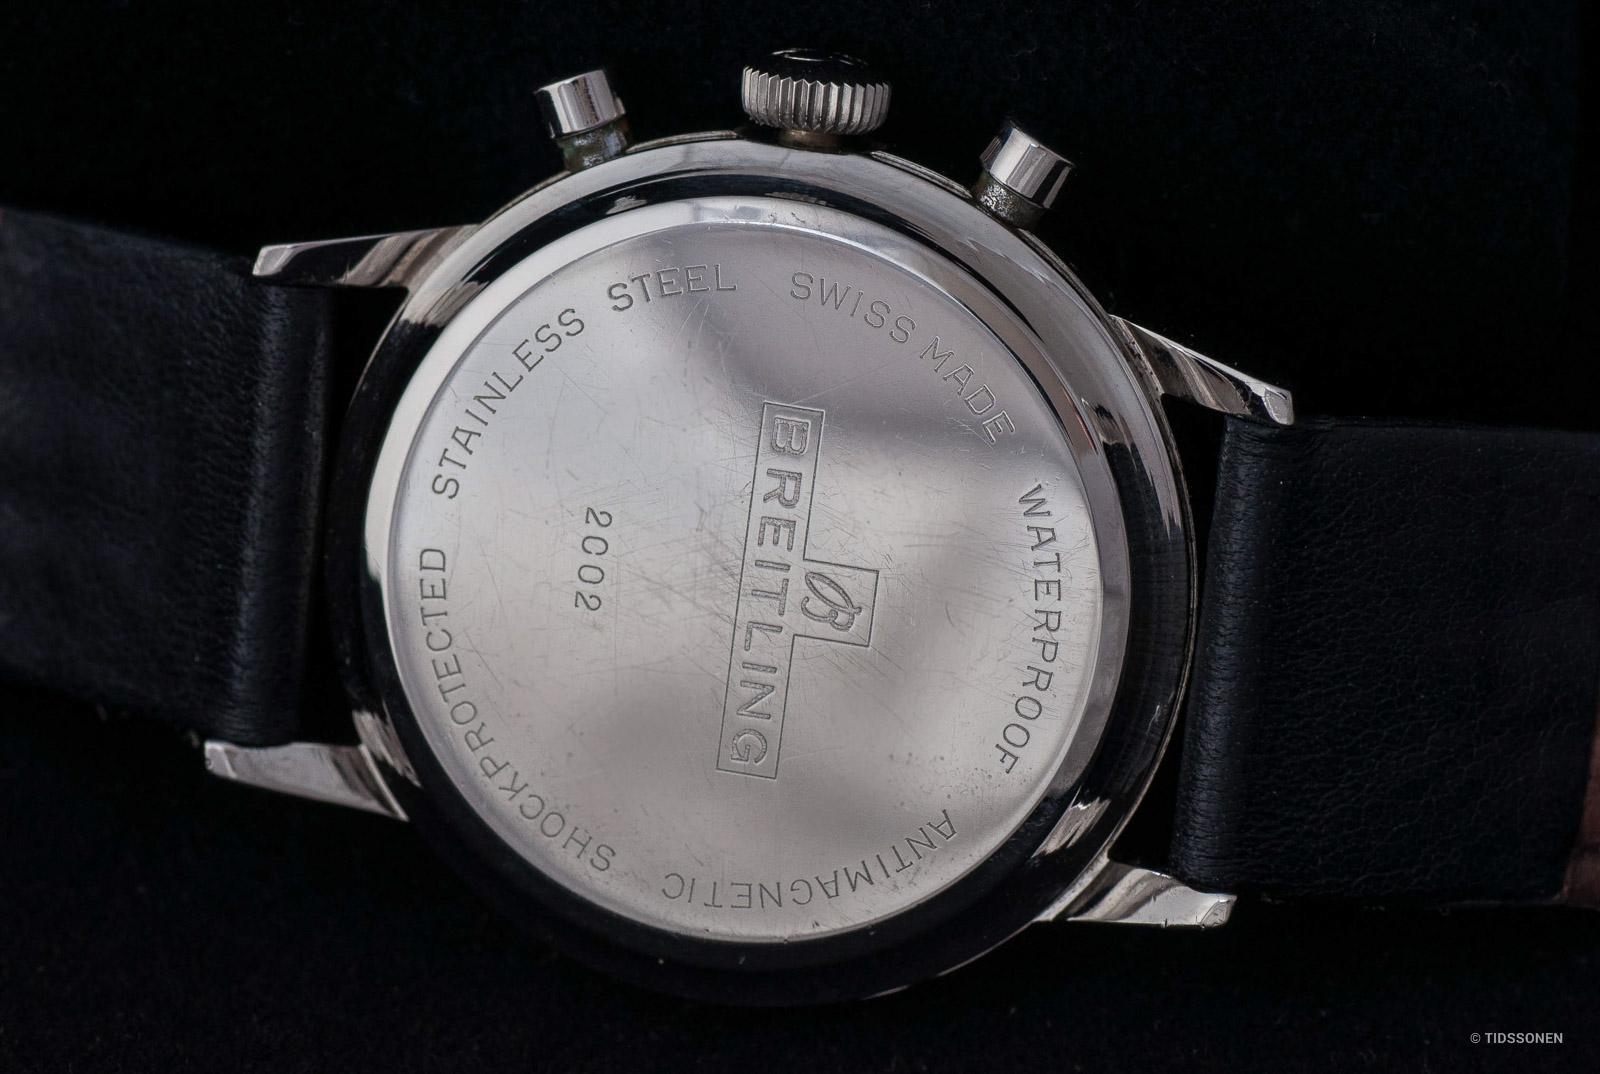 Baksiden av kassen skal ha gravert inn referansenummeret 2002 og Breitling-logoen.